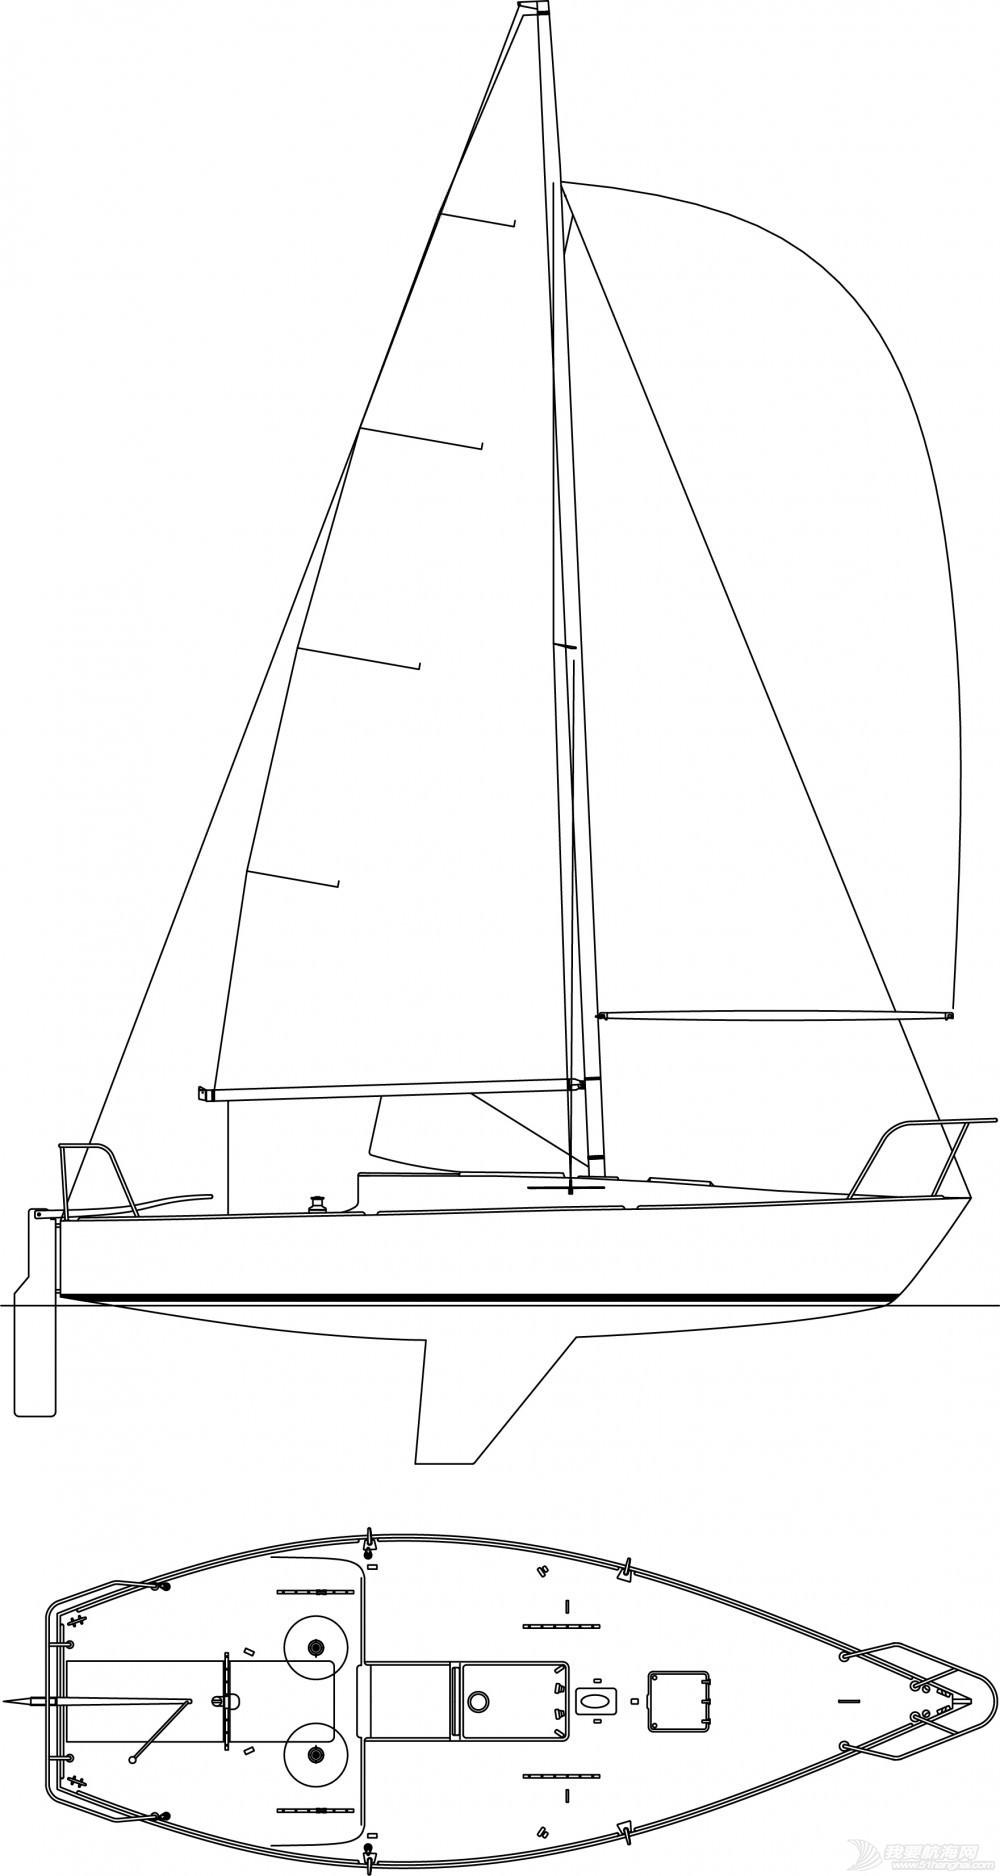 ����,���� GR-750������������� J24-Layouts-1000x1876.jpg